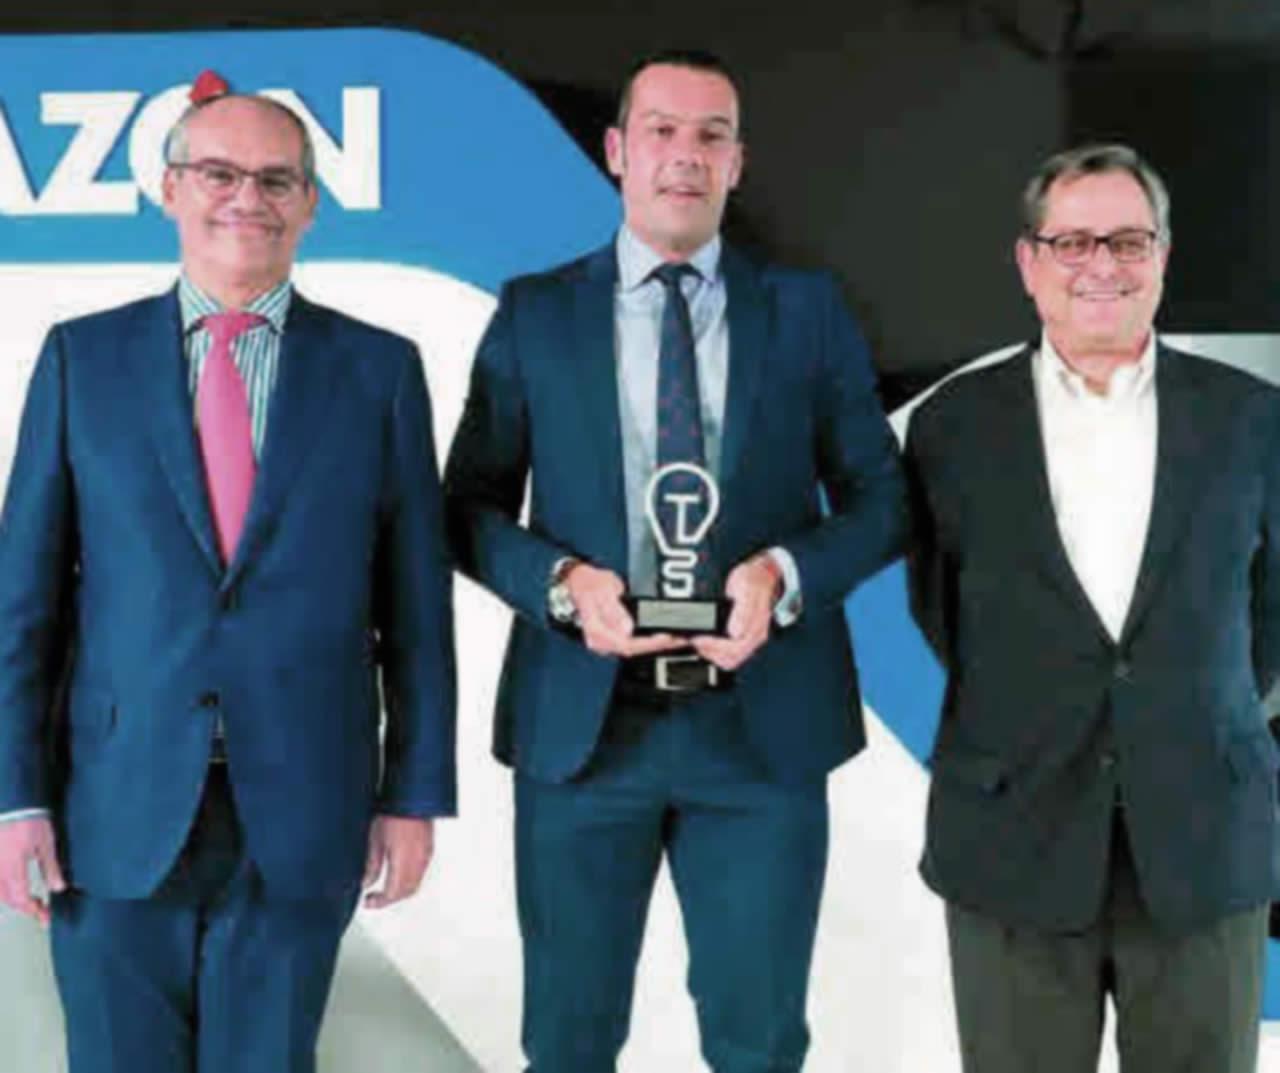 Eidf Solar galardonada en II Premios innovación y Tecnología de La Razón